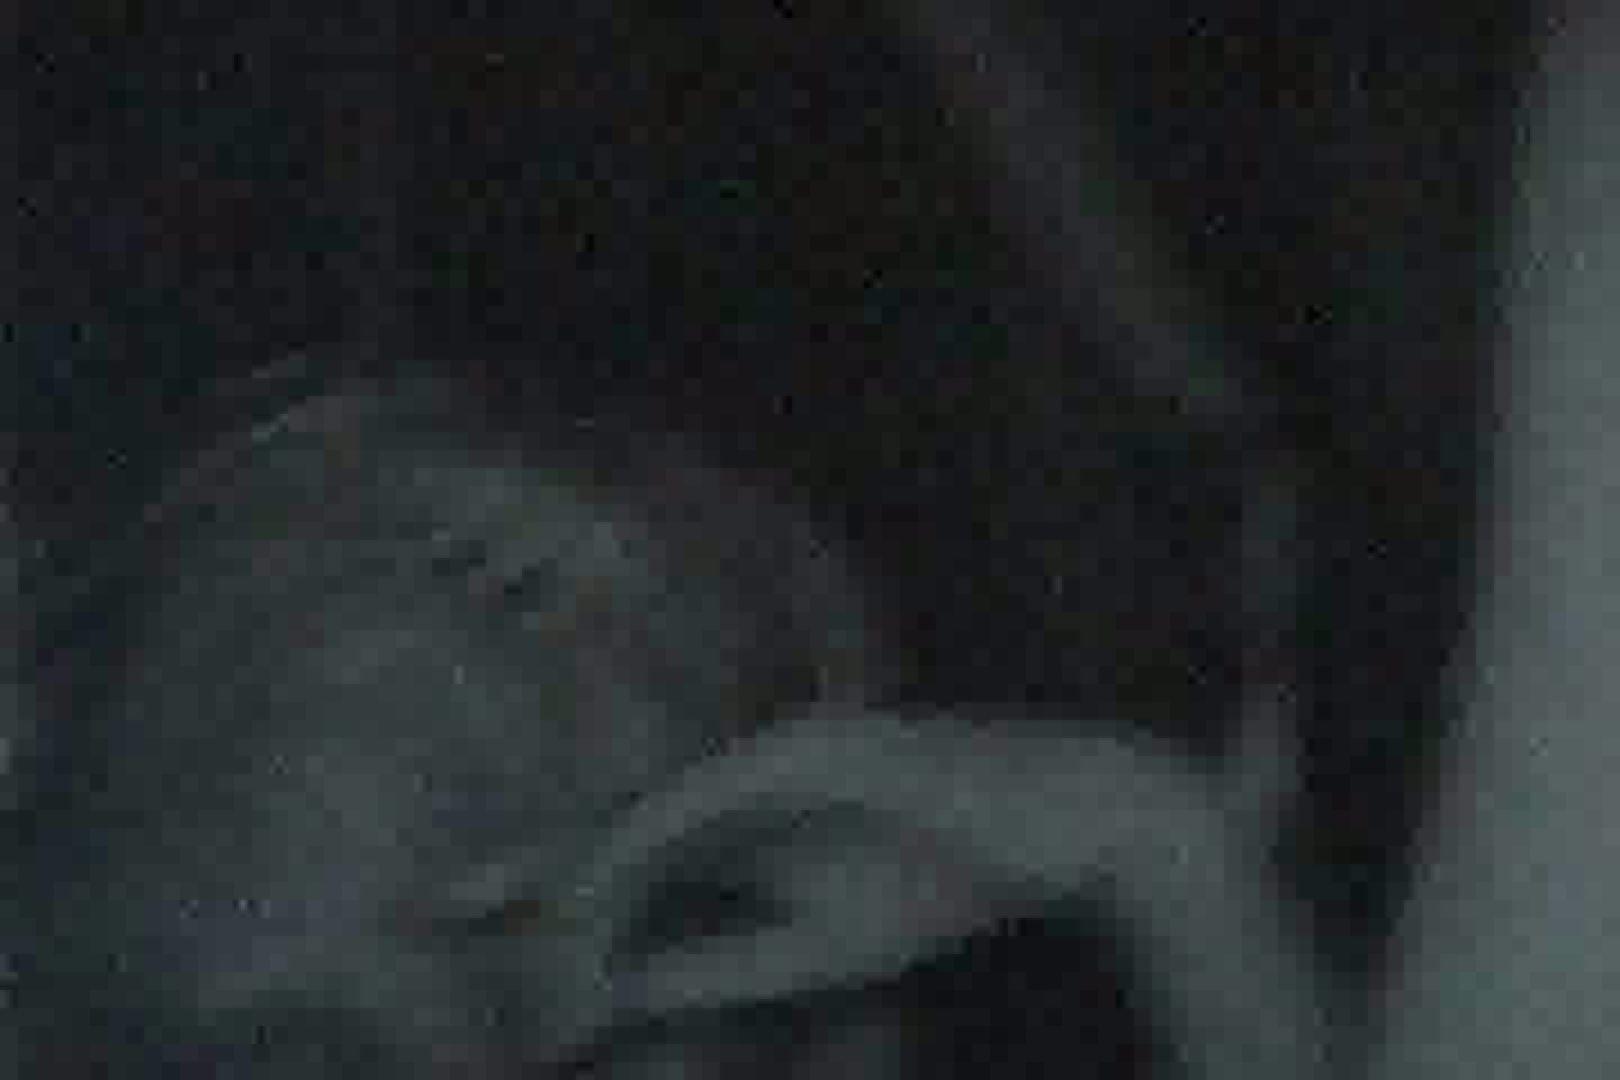 充血監督の深夜の運動会Vol.28 エッチなセックス SEX無修正画像 56画像 37